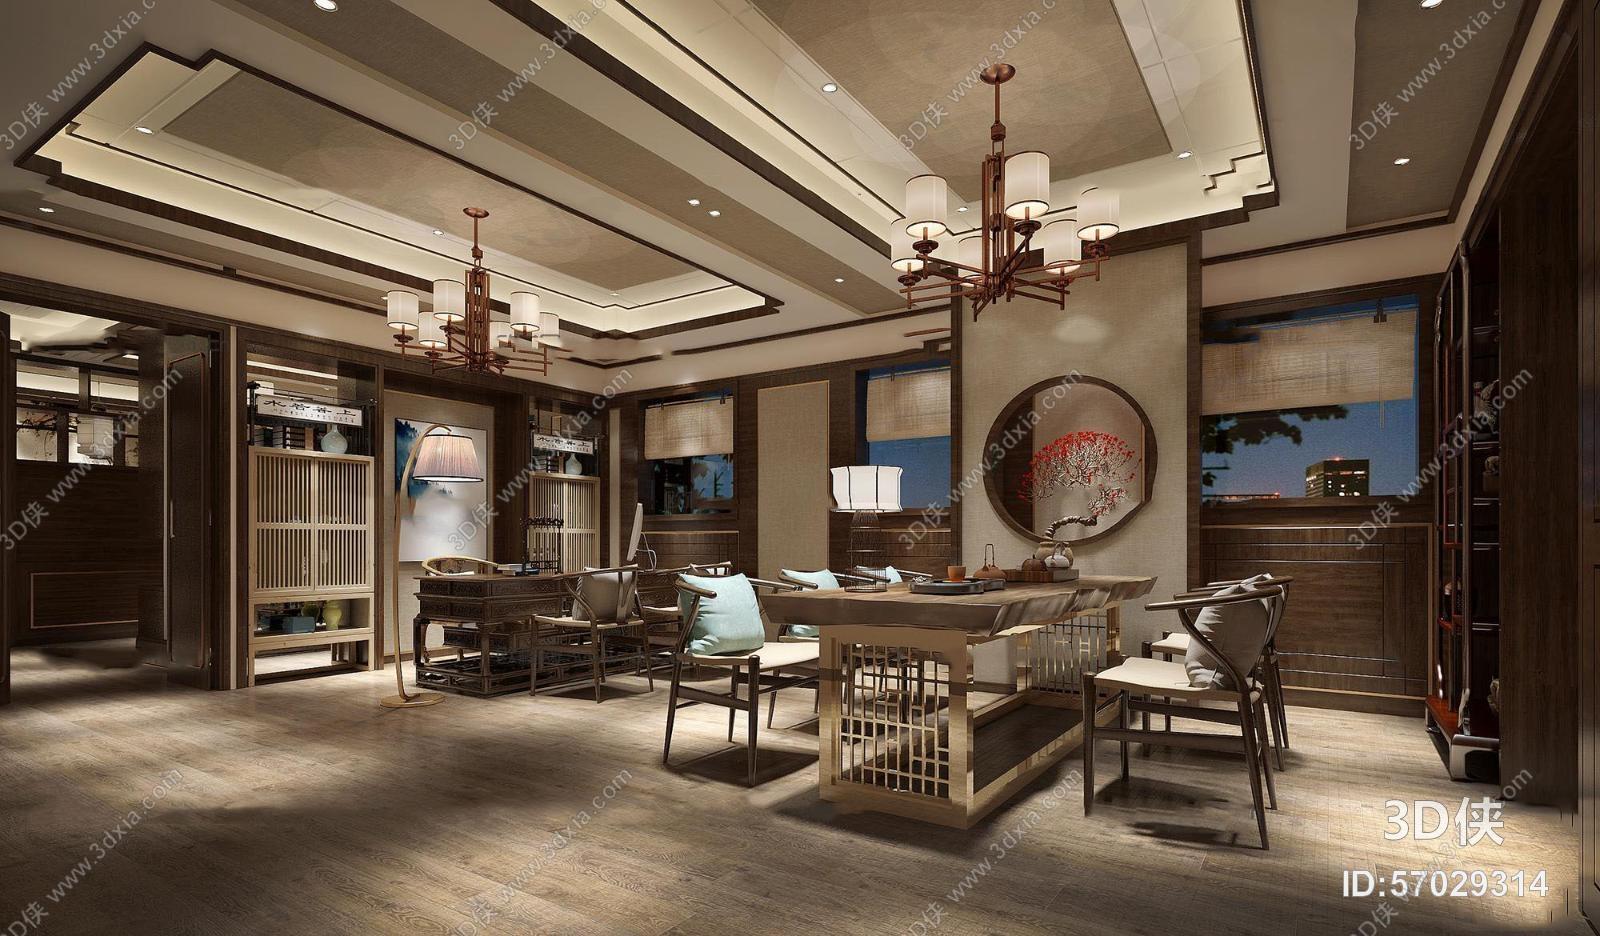 茶馆效果图素材免费下载,本作品主题是中式会所茶室接待区3d模型,编号